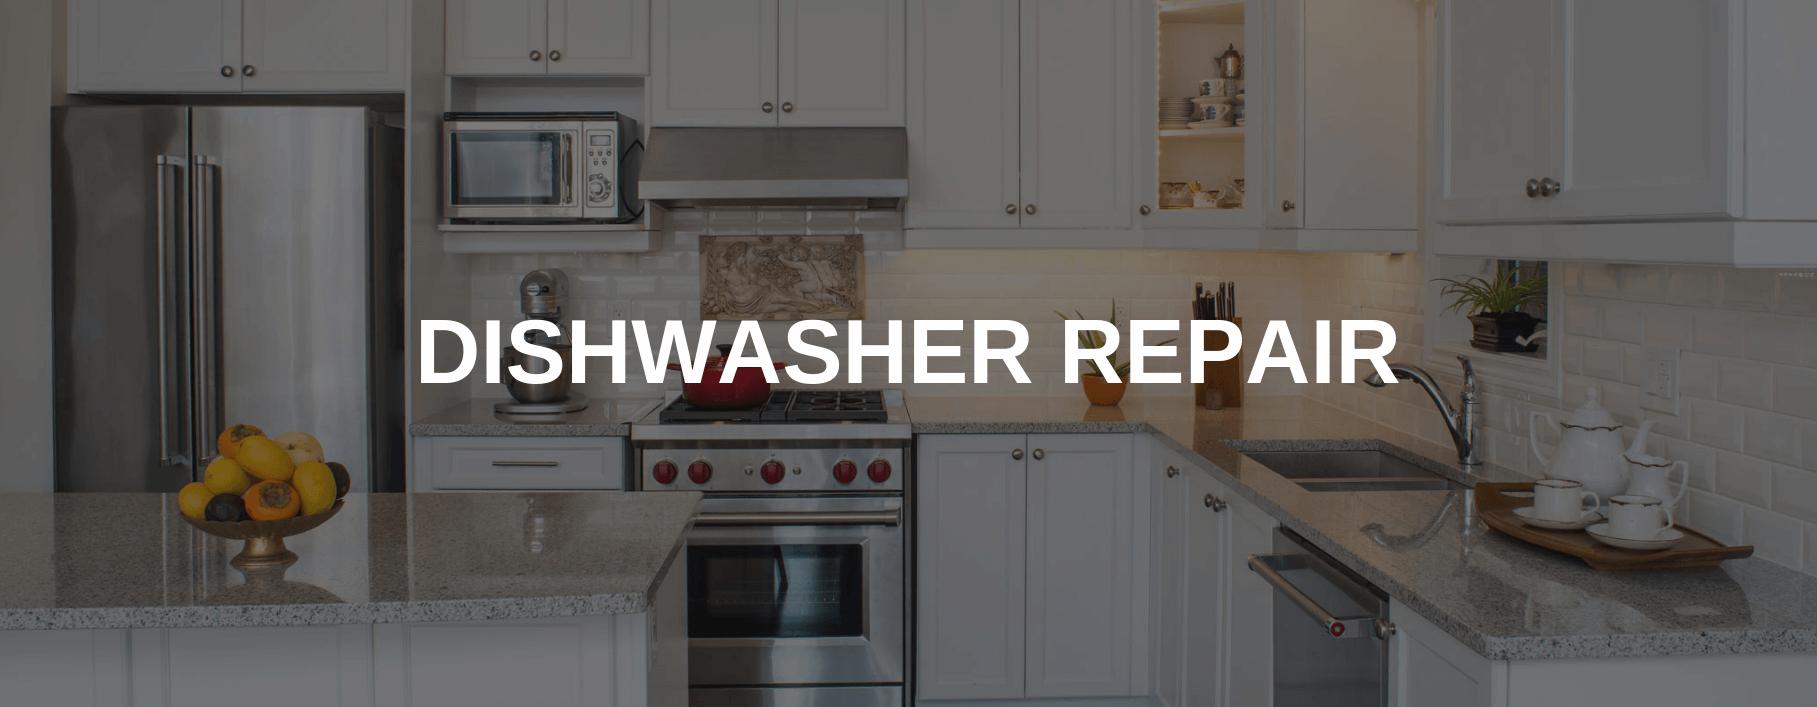 dishwasher repair Cheshire